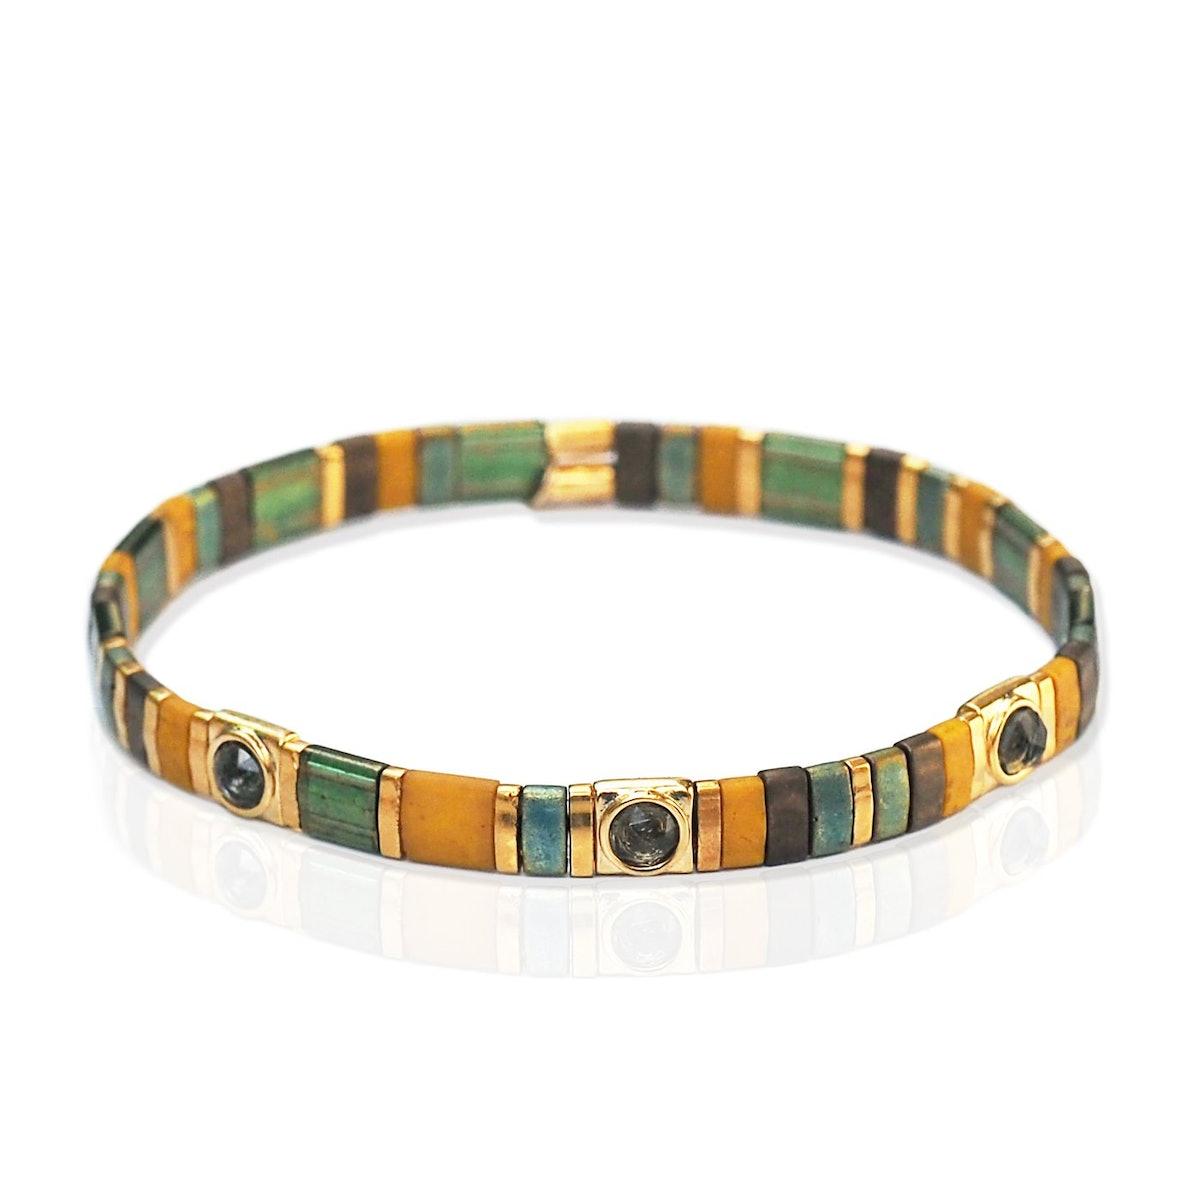 Handmade Gold Tila Bead Bracelet with Scattered Stone